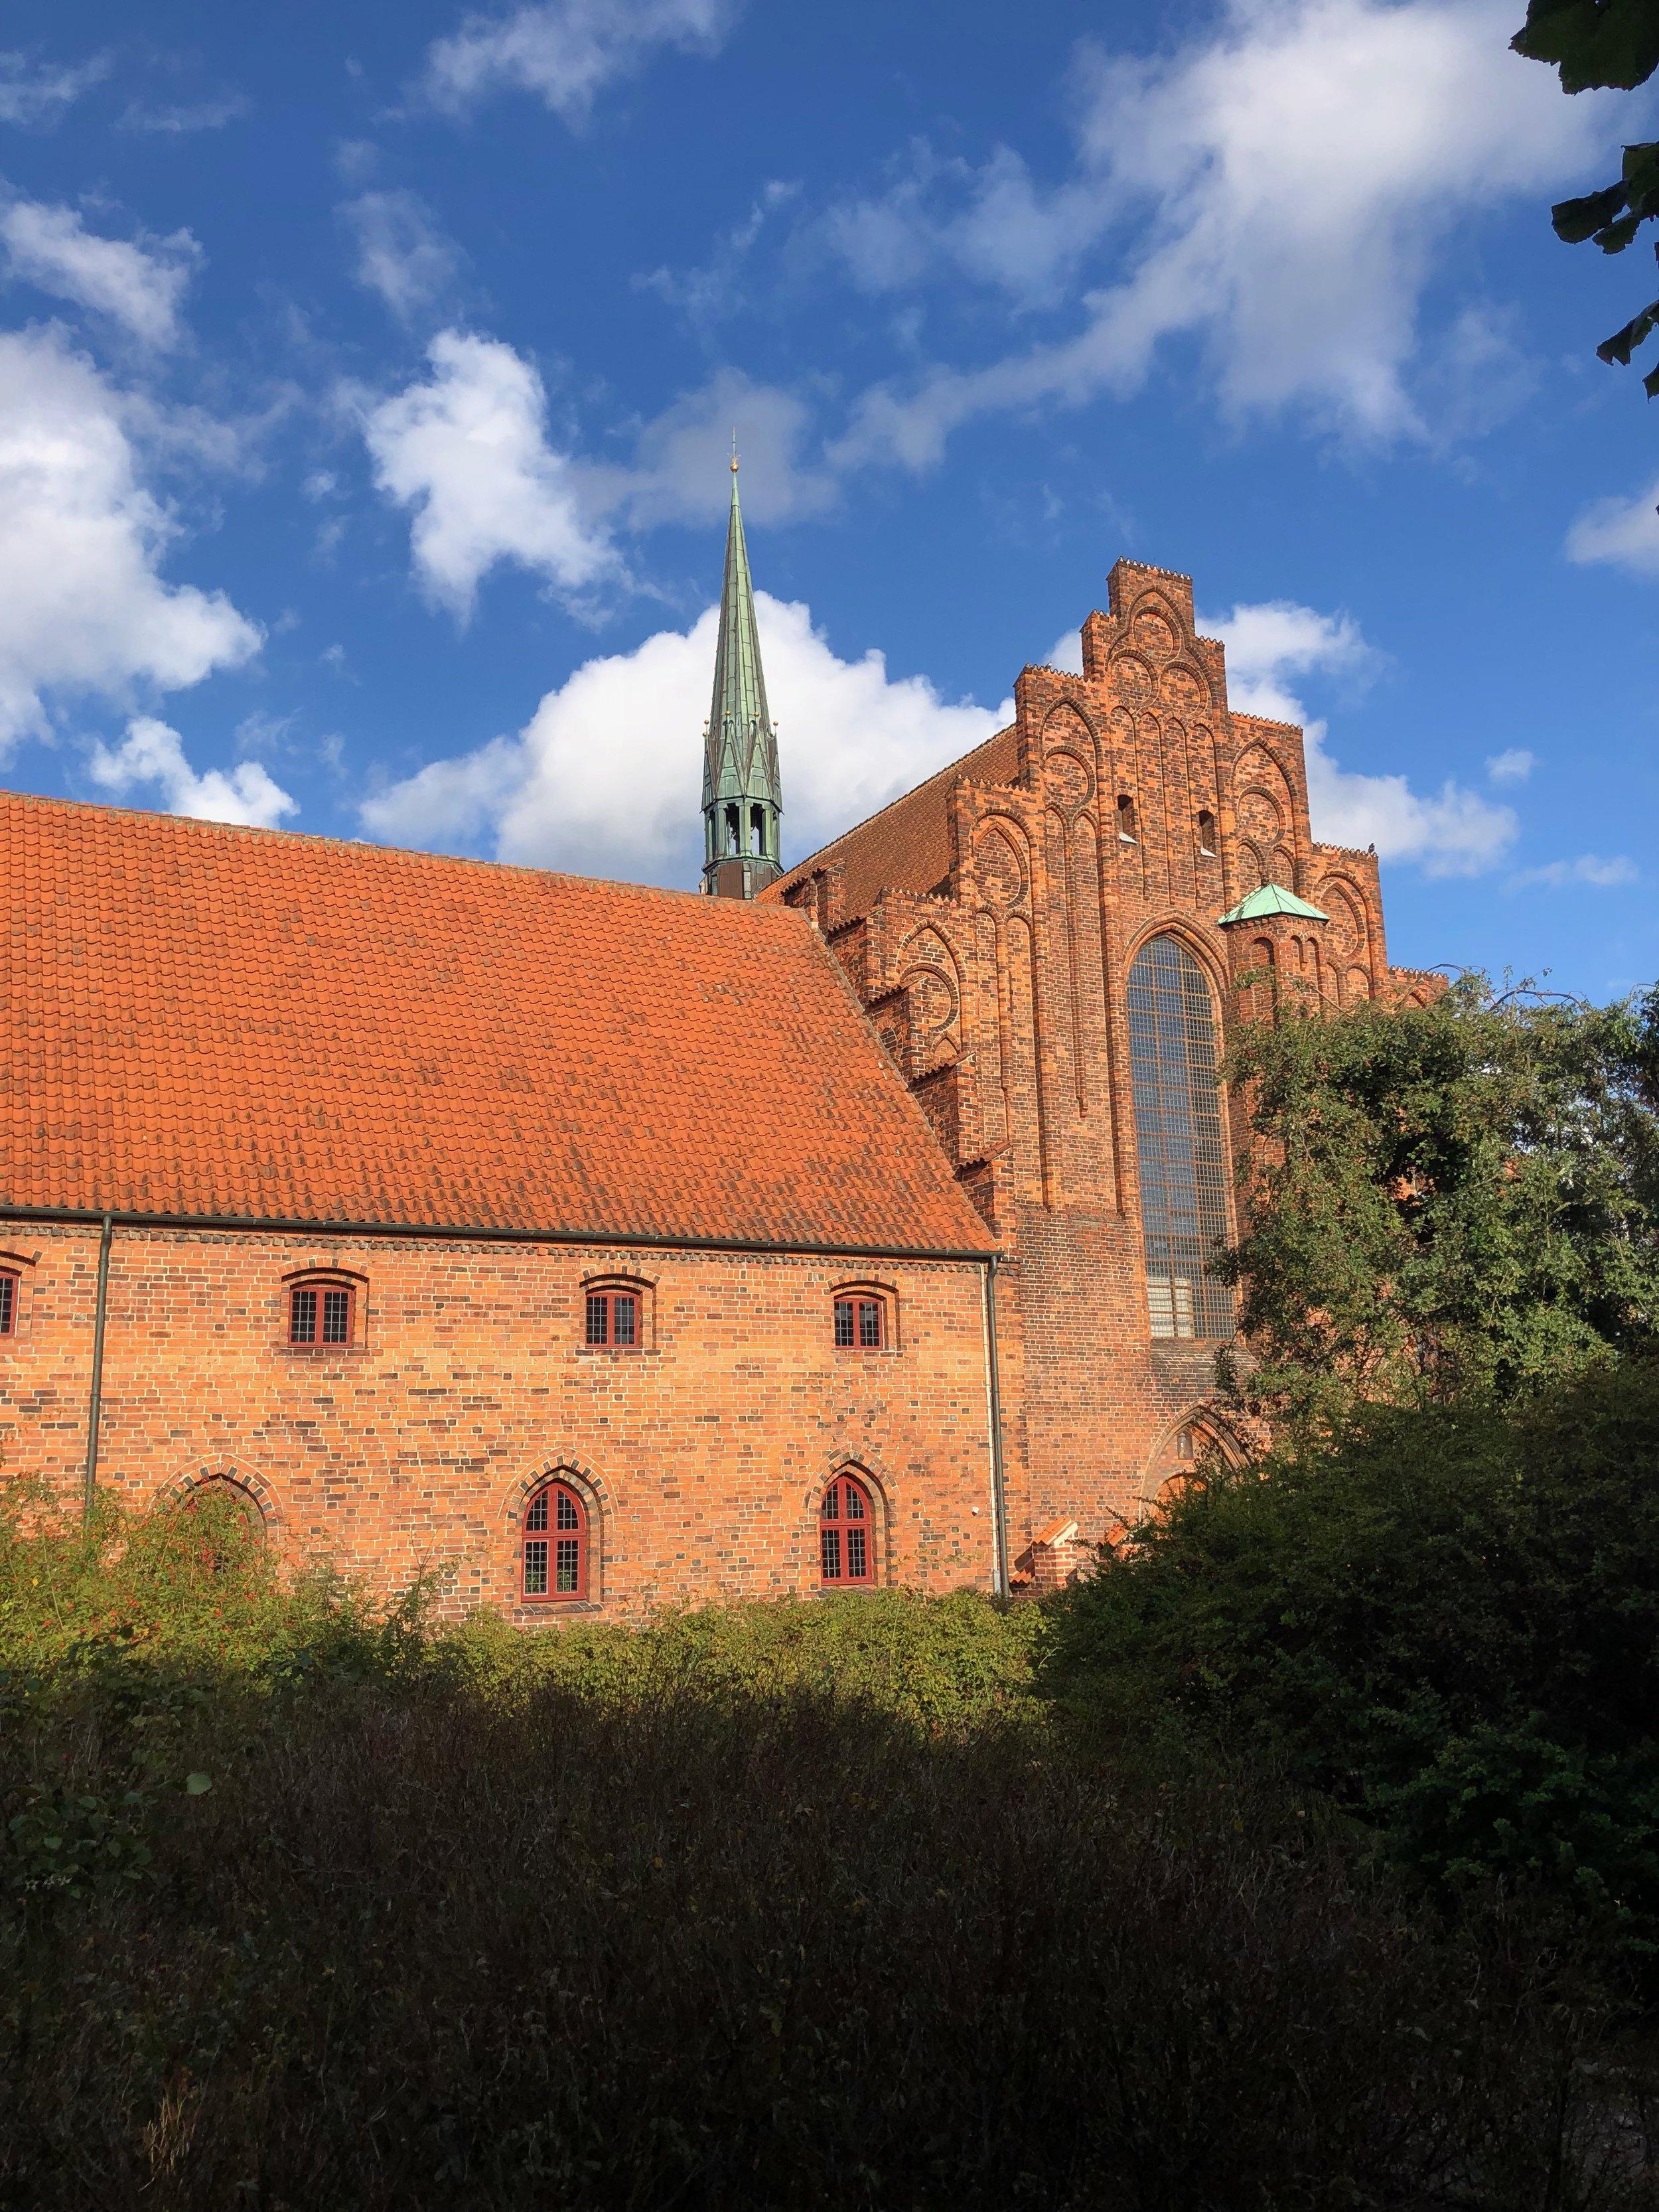 Saint Mary's Church and Monastery